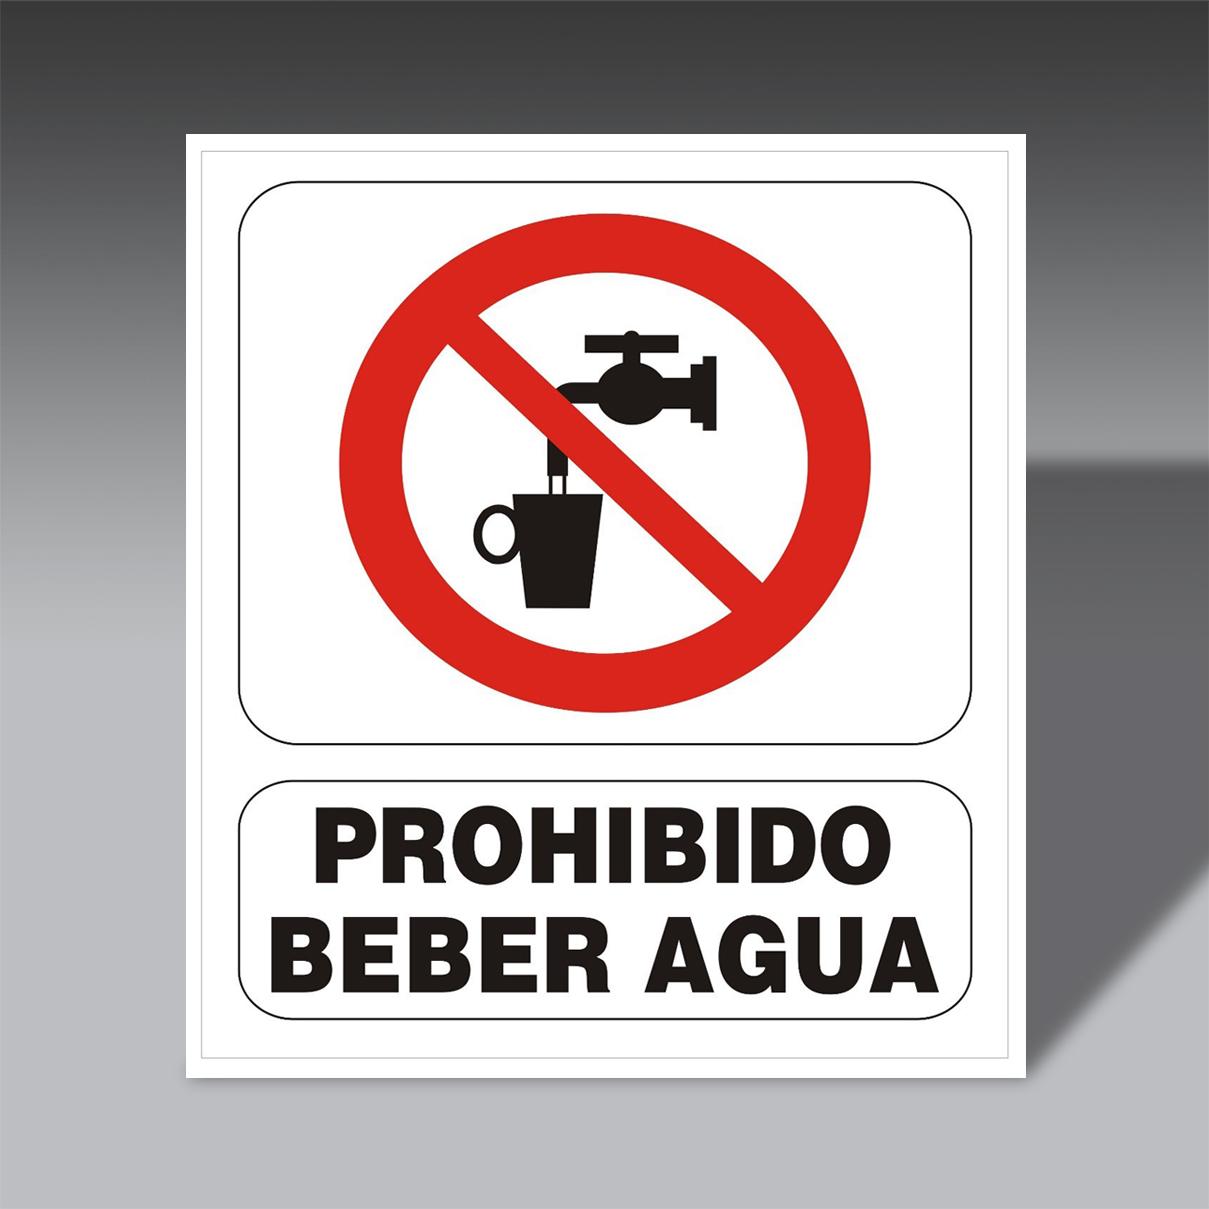 letreros prohibicion para la seguridad industrial LP BE AG letreros prohibicion de seguridad industrial modelo LP BE AG